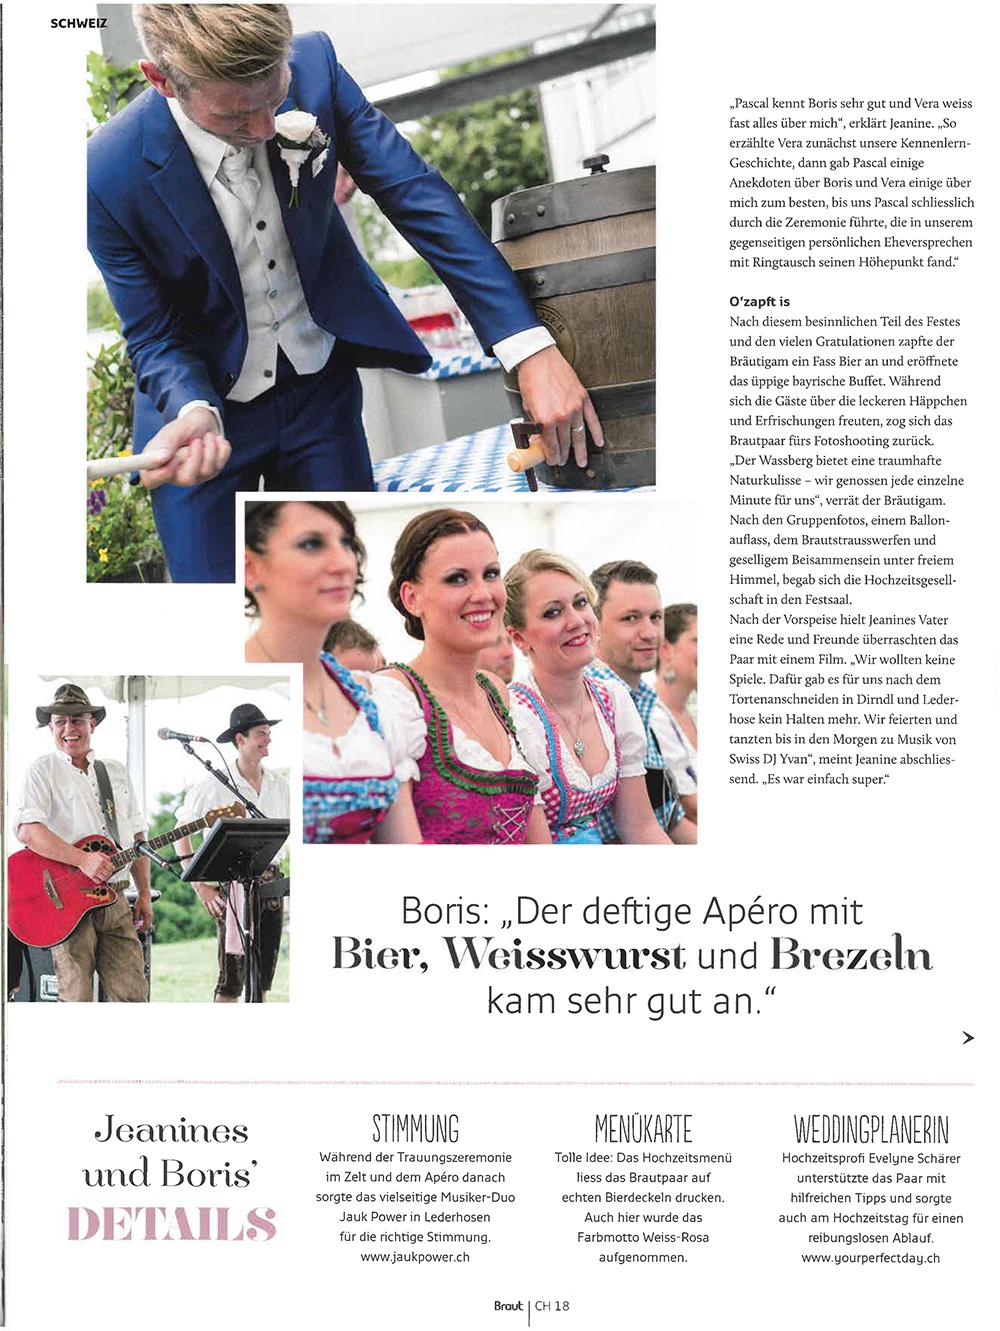 Bayrische-Hochzeit_yourperfectday-2014-3-2